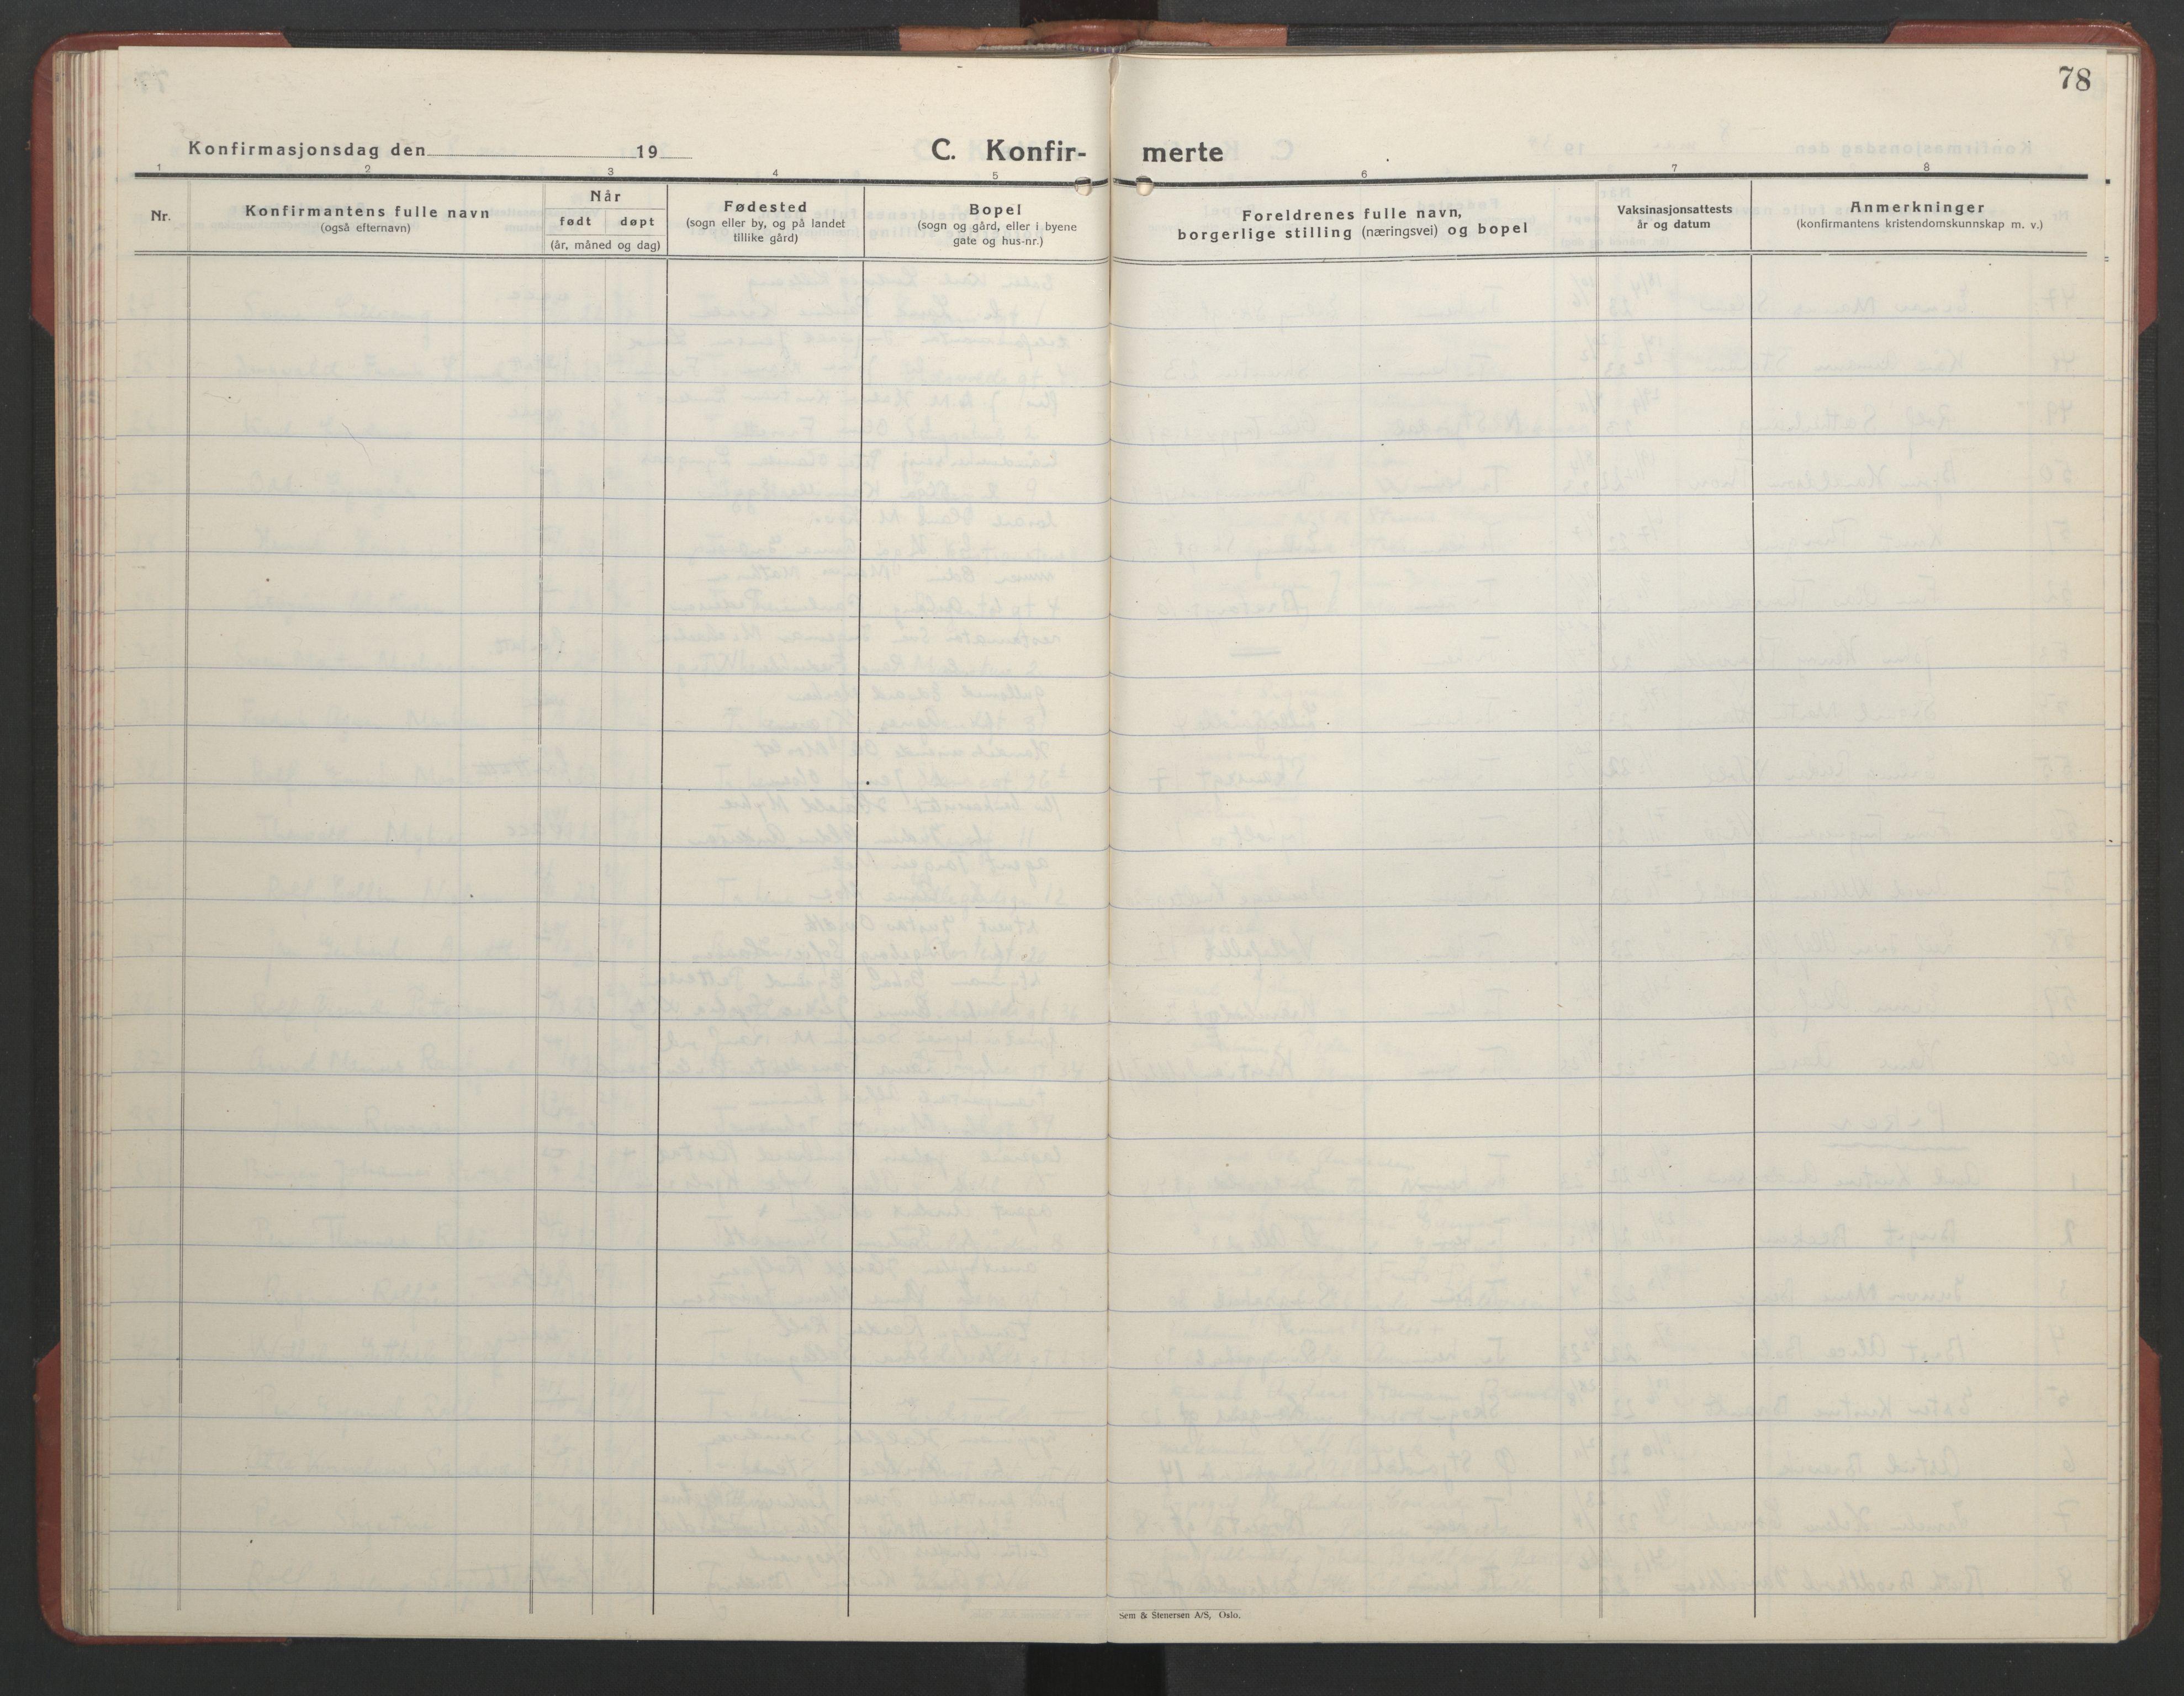 SAT, Ministerialprotokoller, klokkerbøker og fødselsregistre - Sør-Trøndelag, 602/L0151: Klokkerbok nr. 602C19, 1925-1951, s. 78